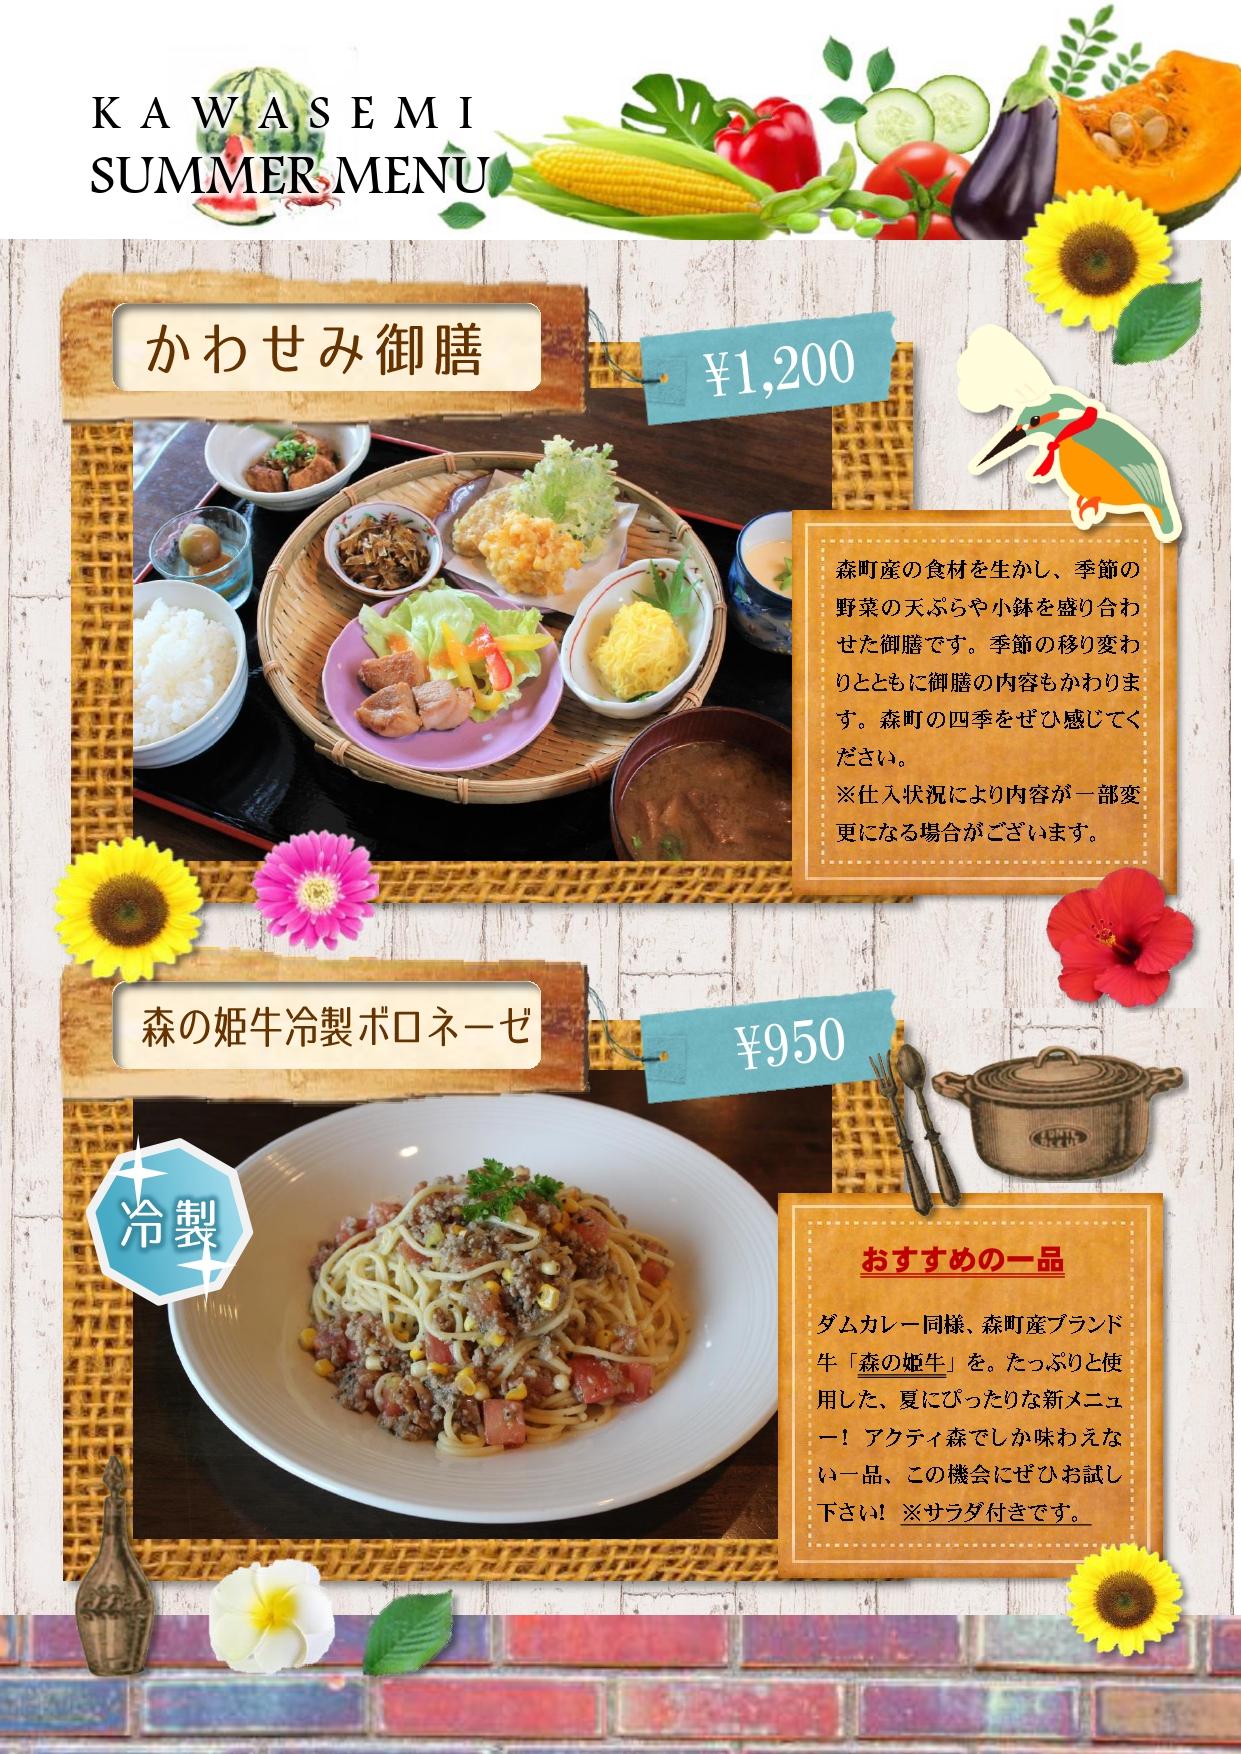 natsu_menu2-3_pages-to-jpg-0001